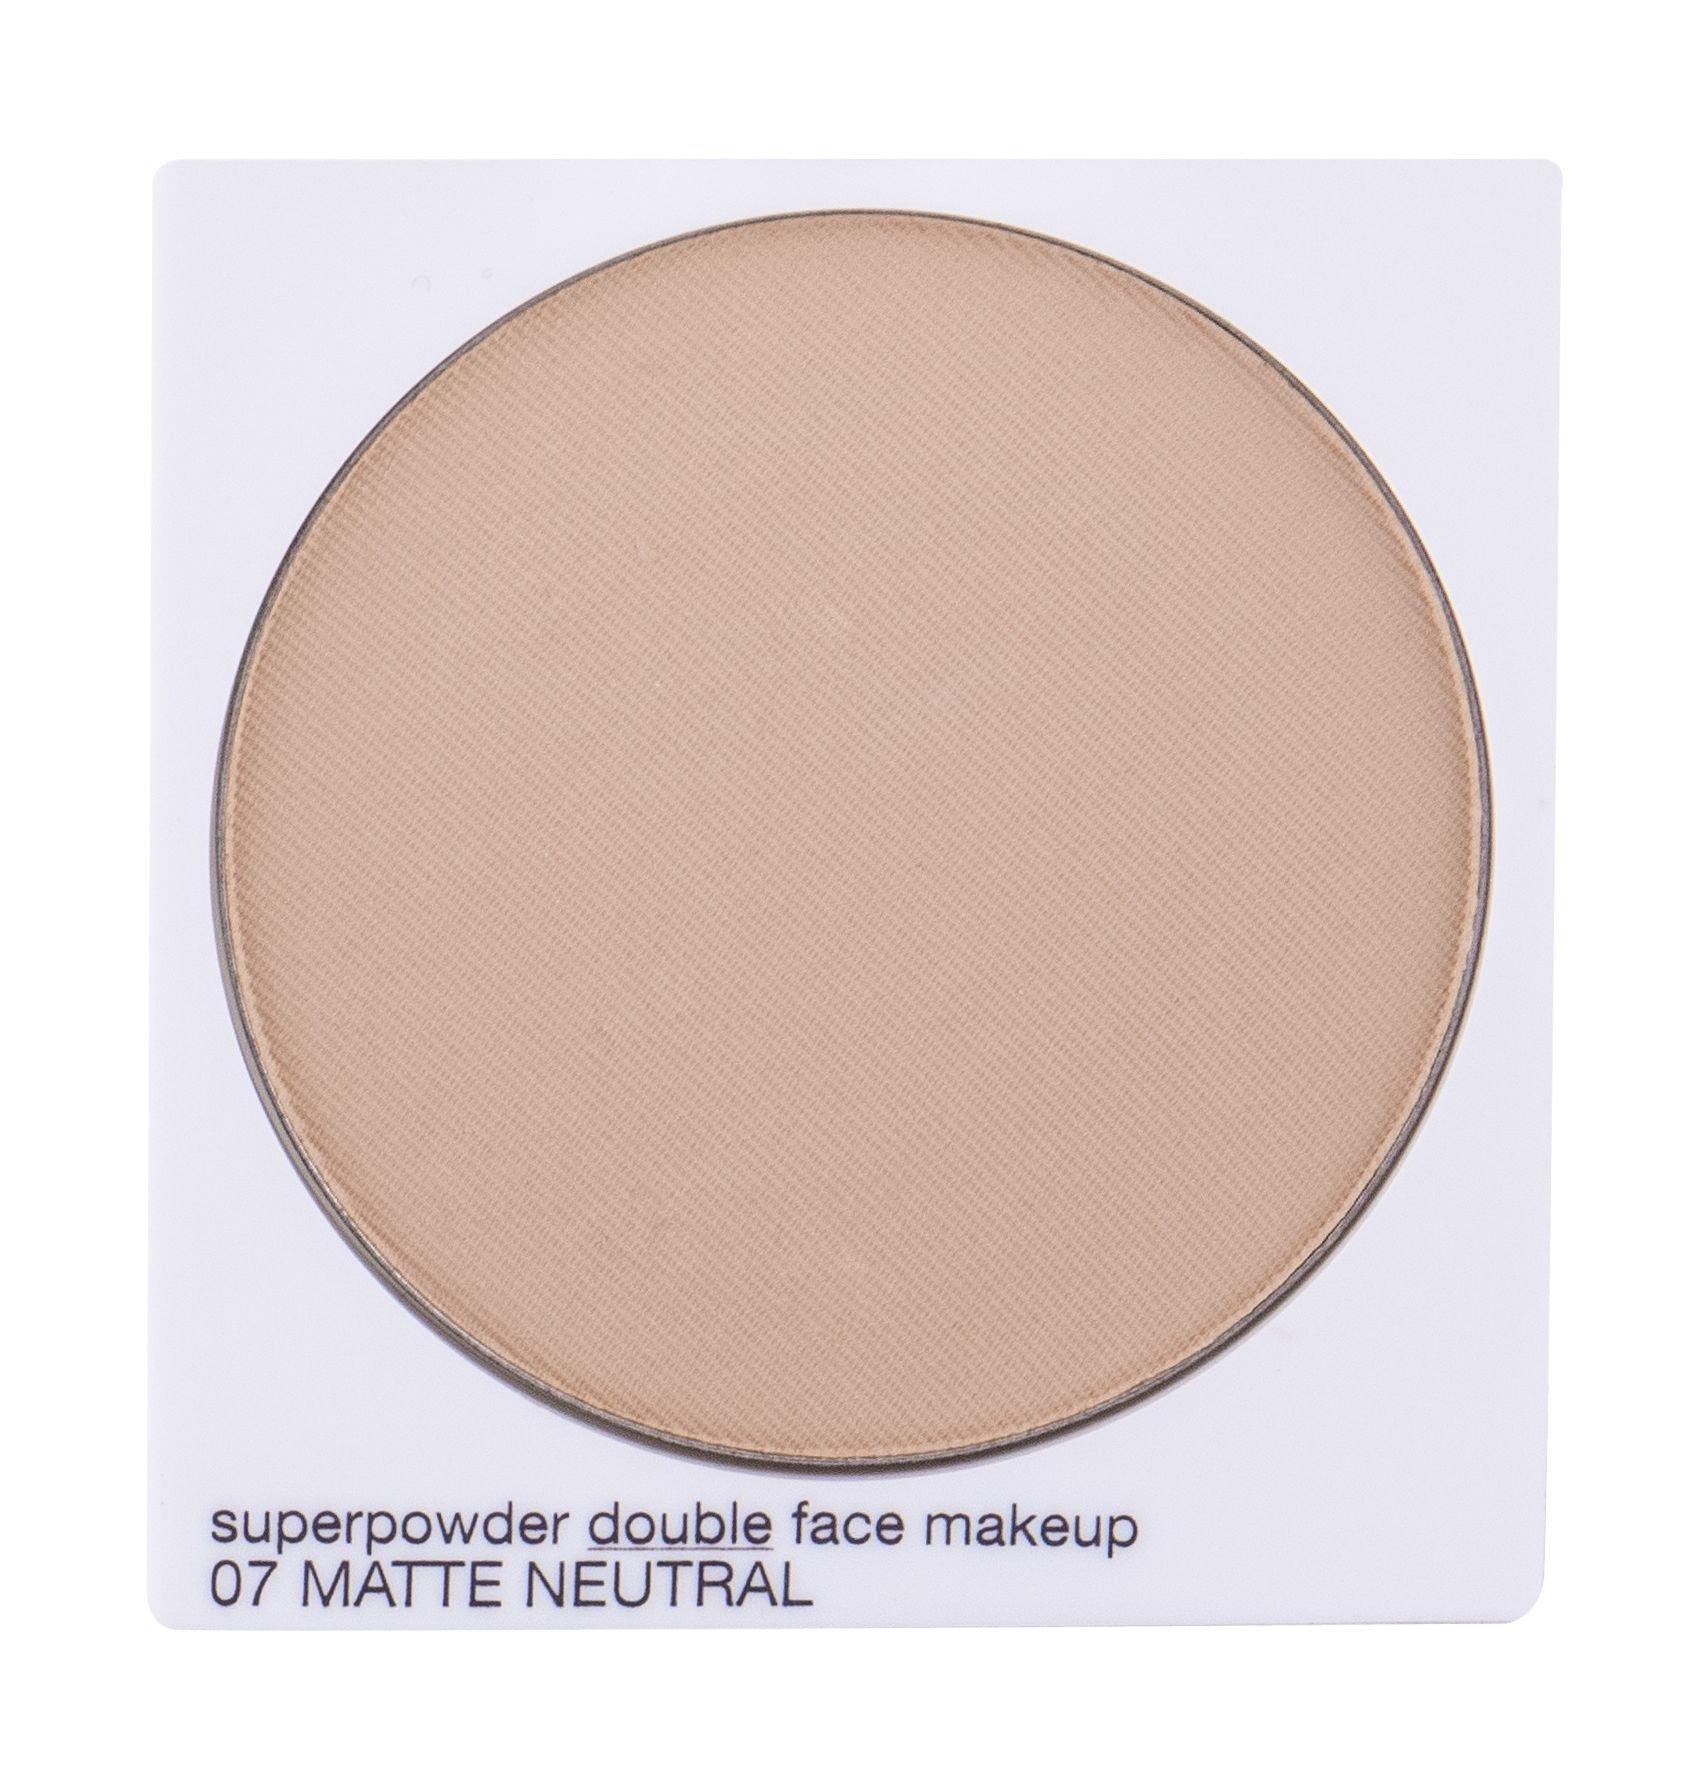 Clinique Superpowder Double Face Makeup Makeup 10ml 07 Matte Neutral